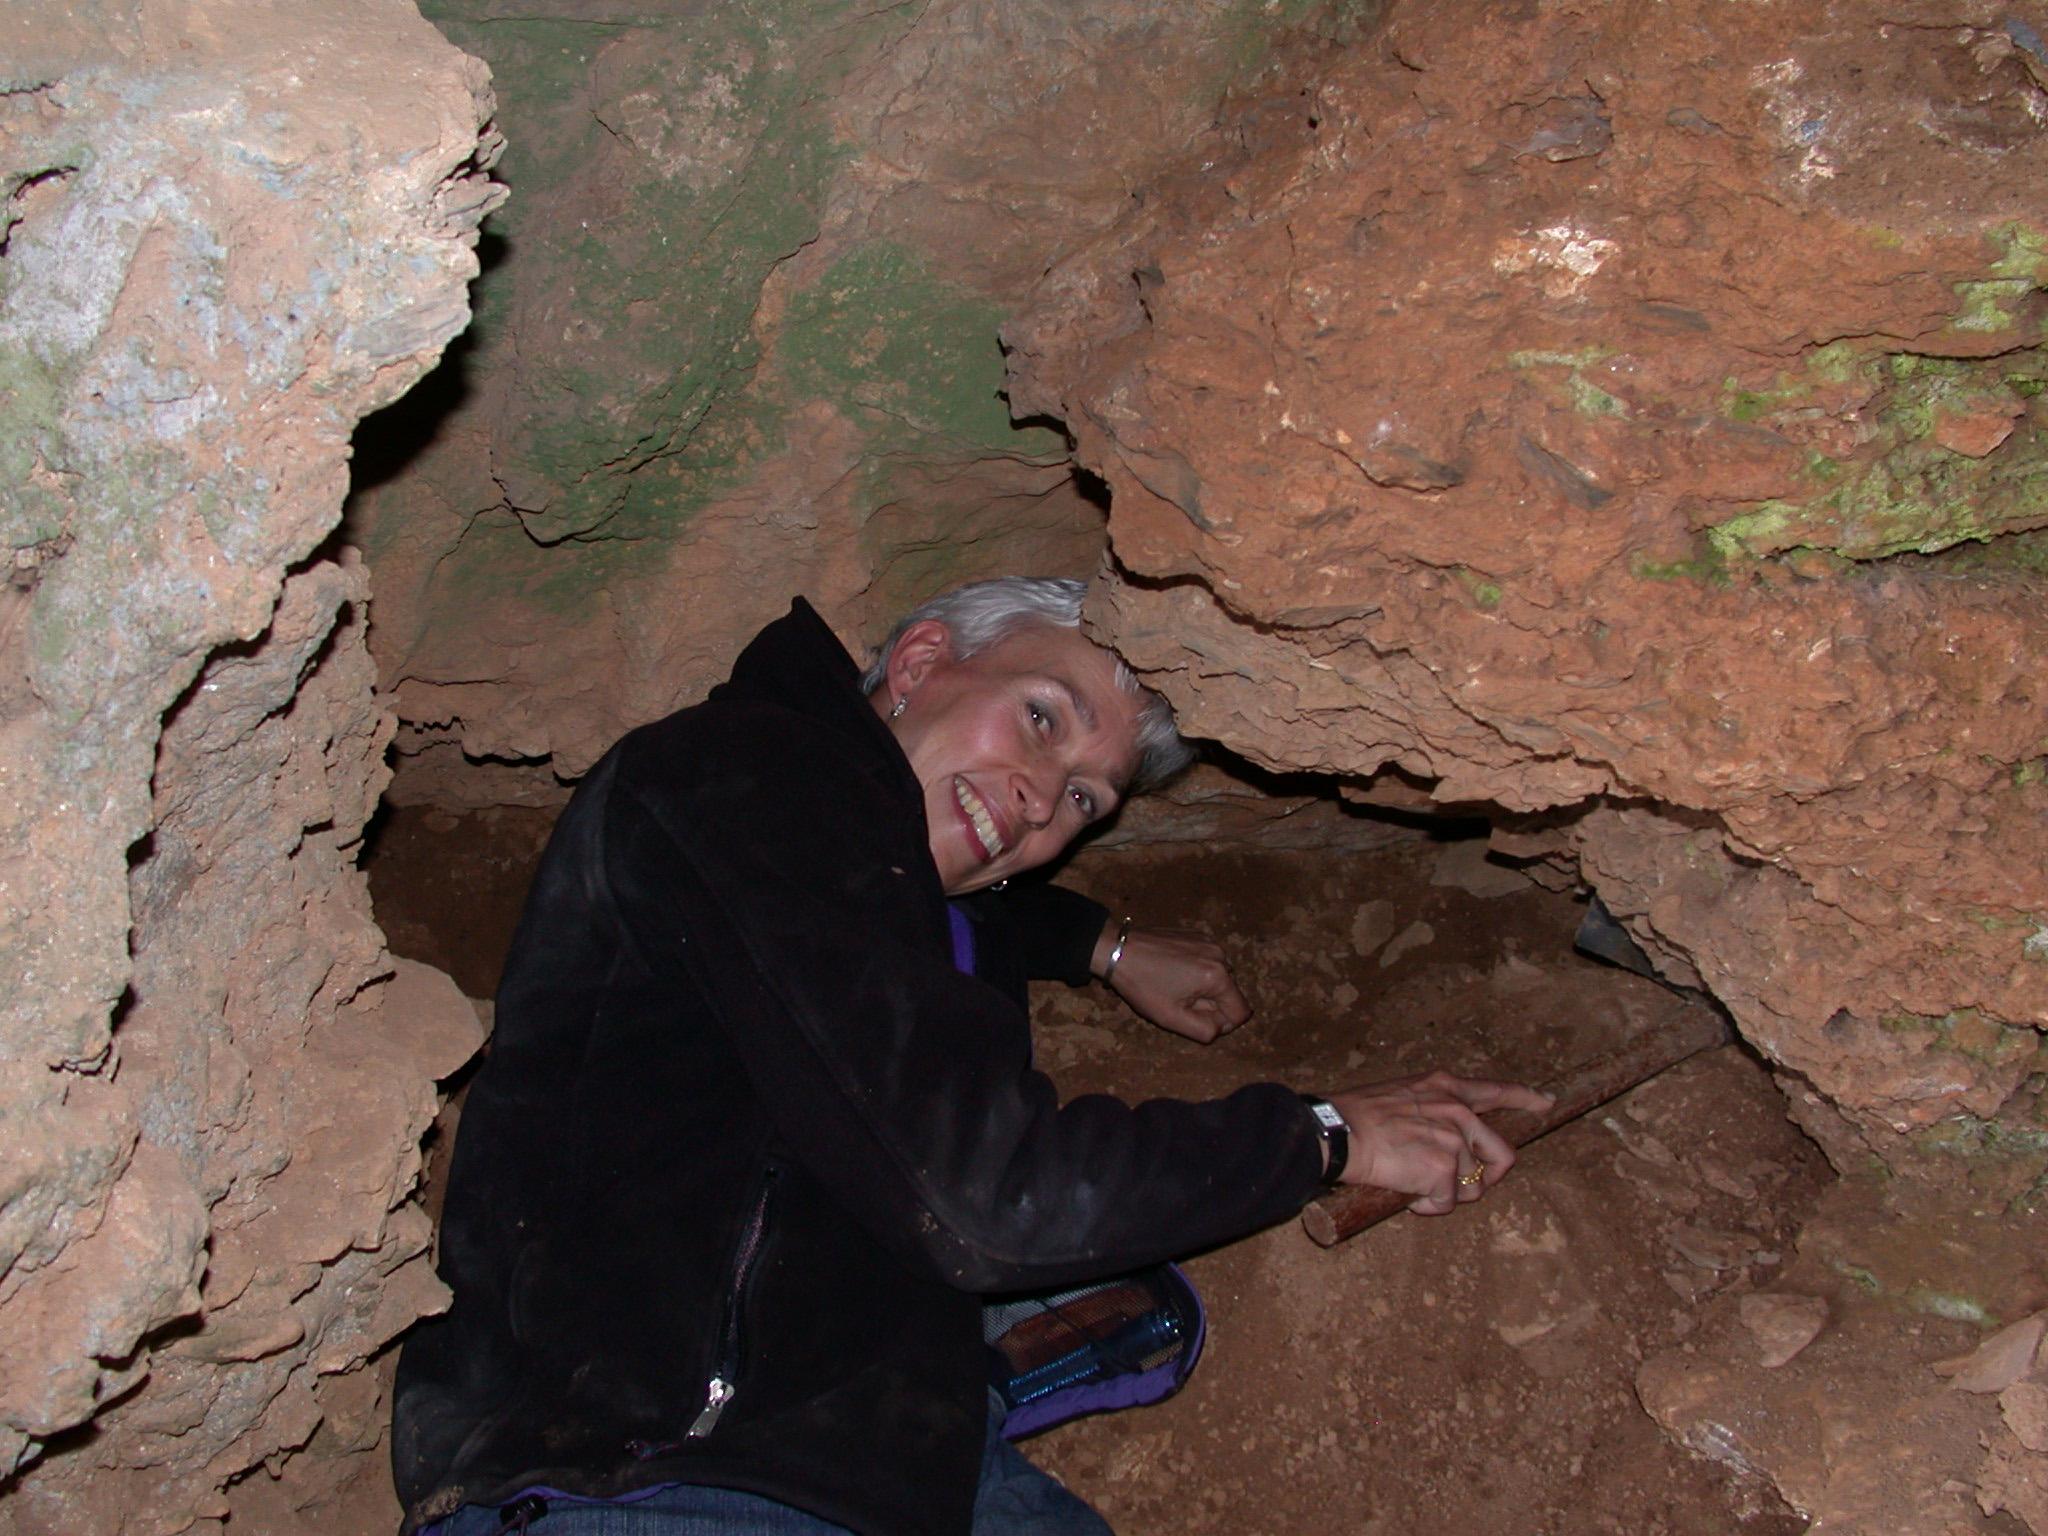 贾布隆斯基教授在云南宝山老虎洞里挖掘化石(Dong Ling摄)